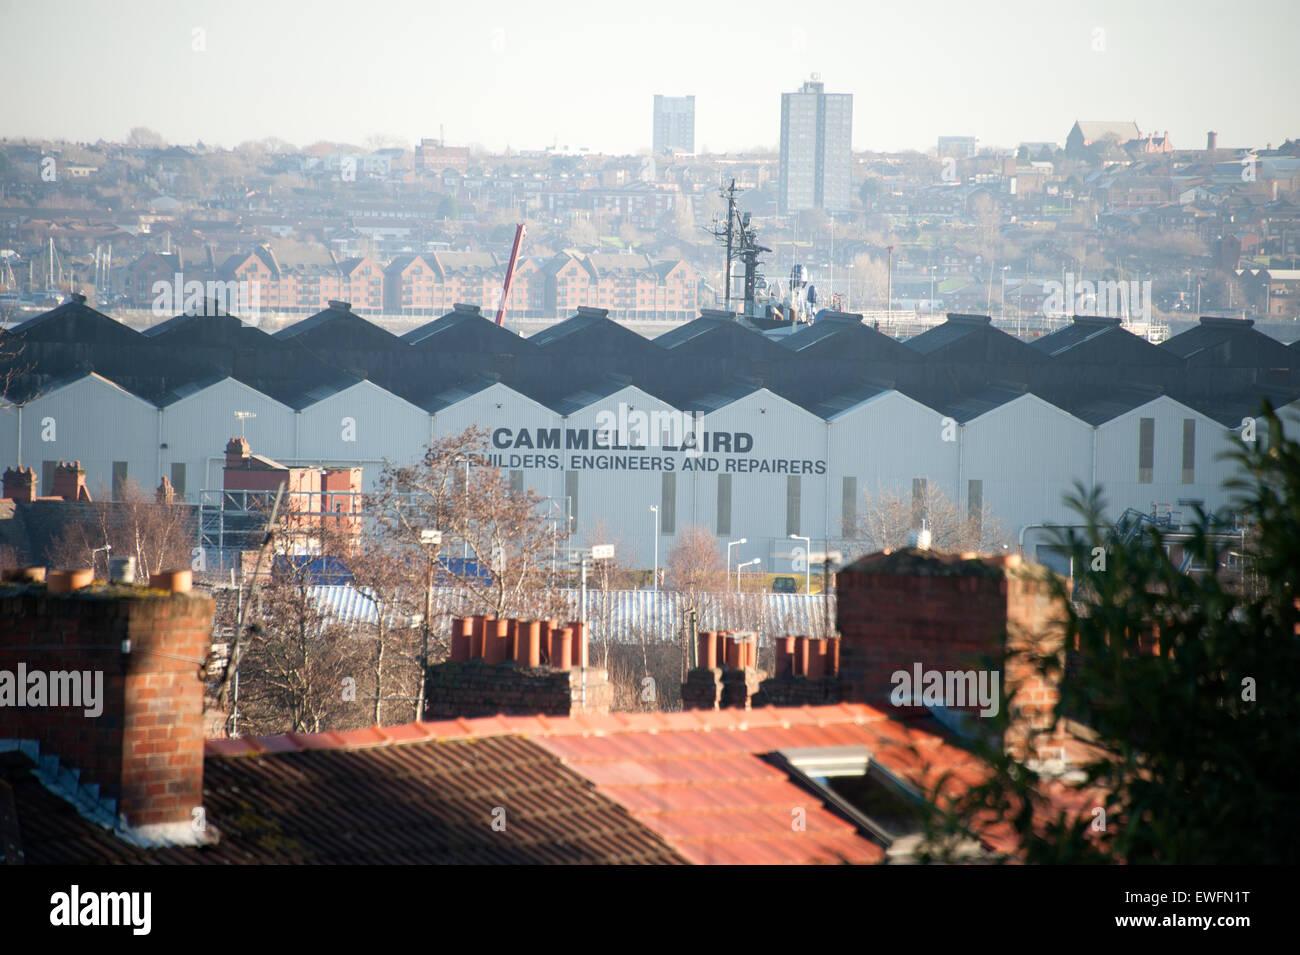 Cammel Laird Shipbuilders Ship Builders River Mersey Birkenhead Liverpool - Stock Image